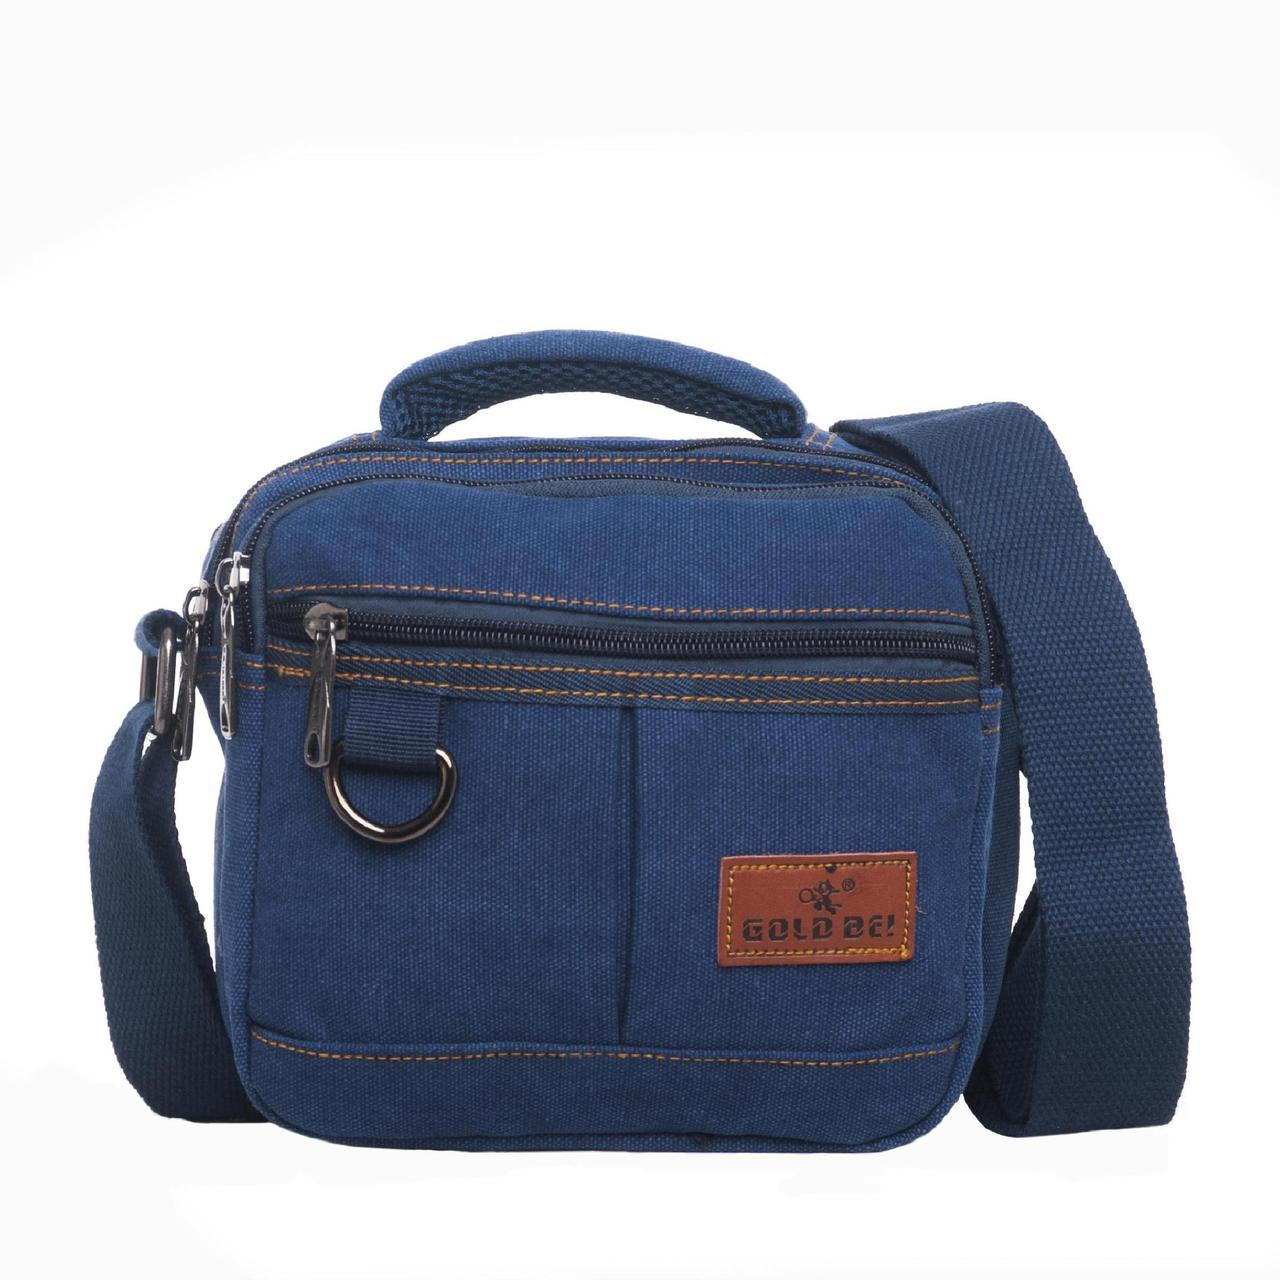 Мужская сумка GOLD BE Синий (ксС999син)